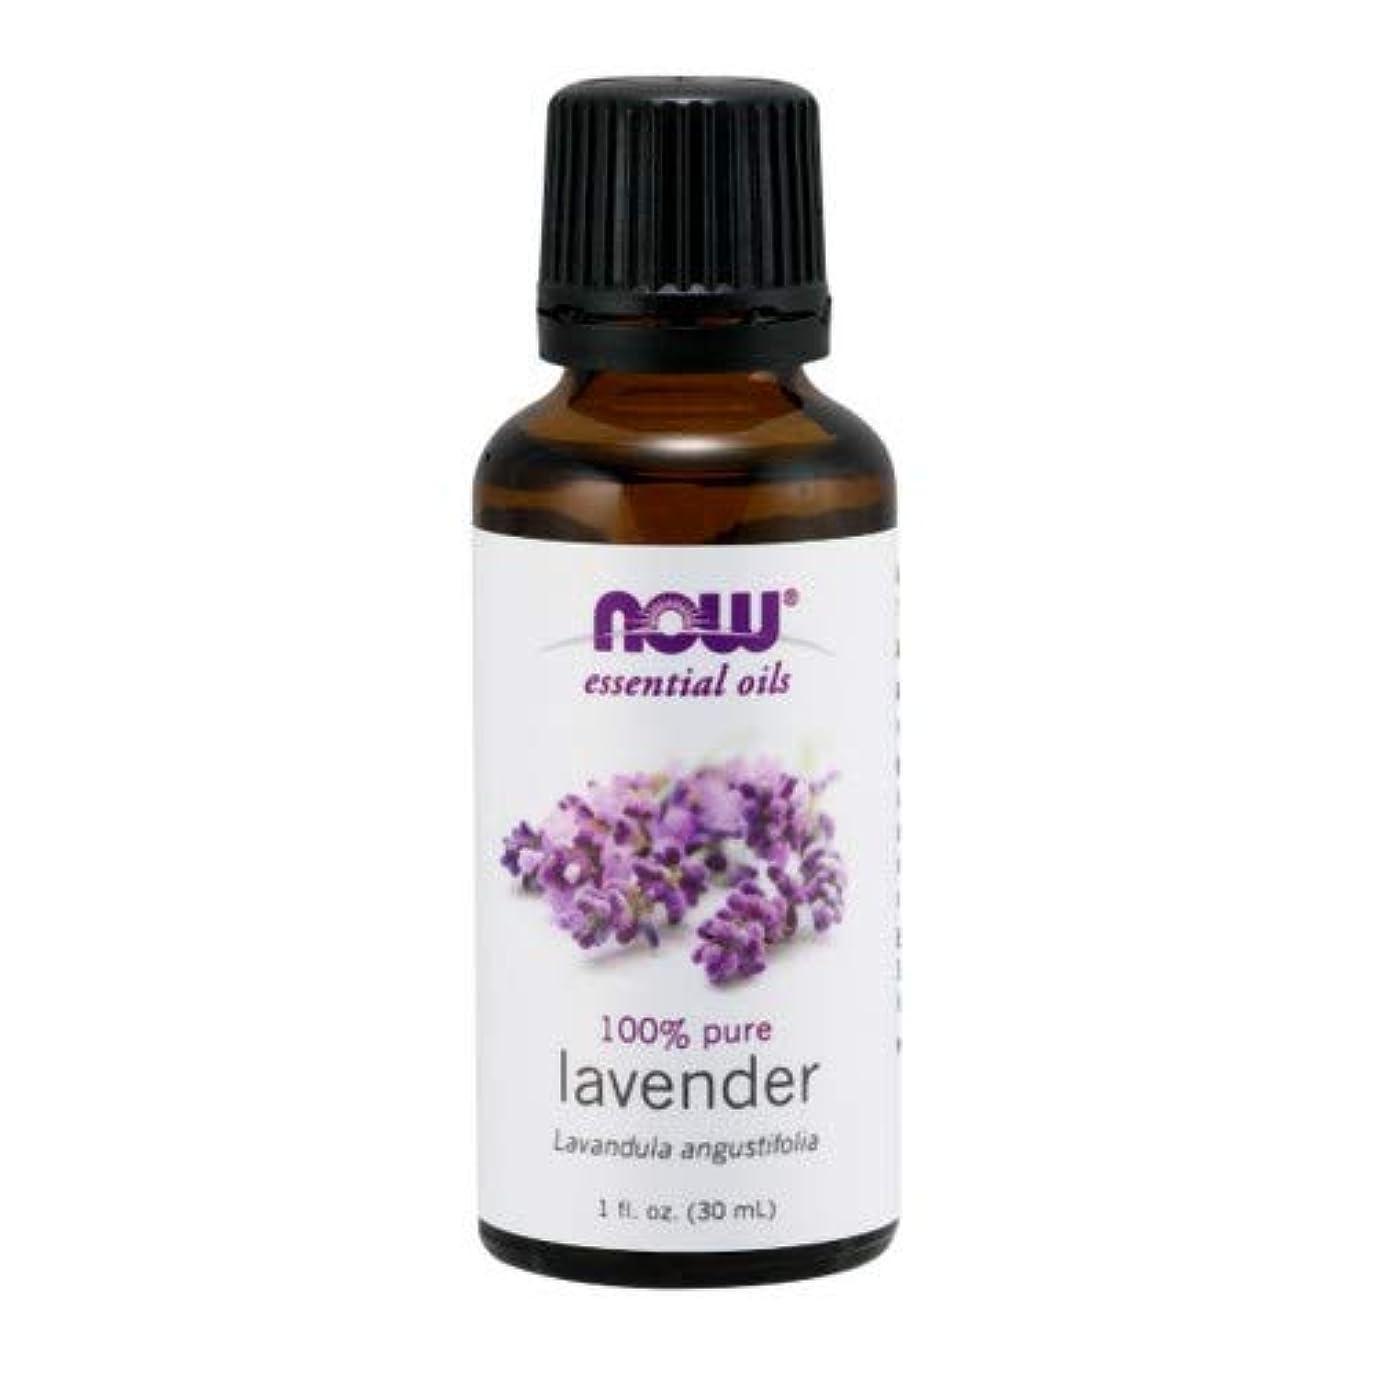 土器プット性格エッセンシャルオイル ラベンダーオイル 30ml 2個セット ナウフーズ 並行輸入品 NOW Foods Essential Oils Lavender 1 oz Pack of 2